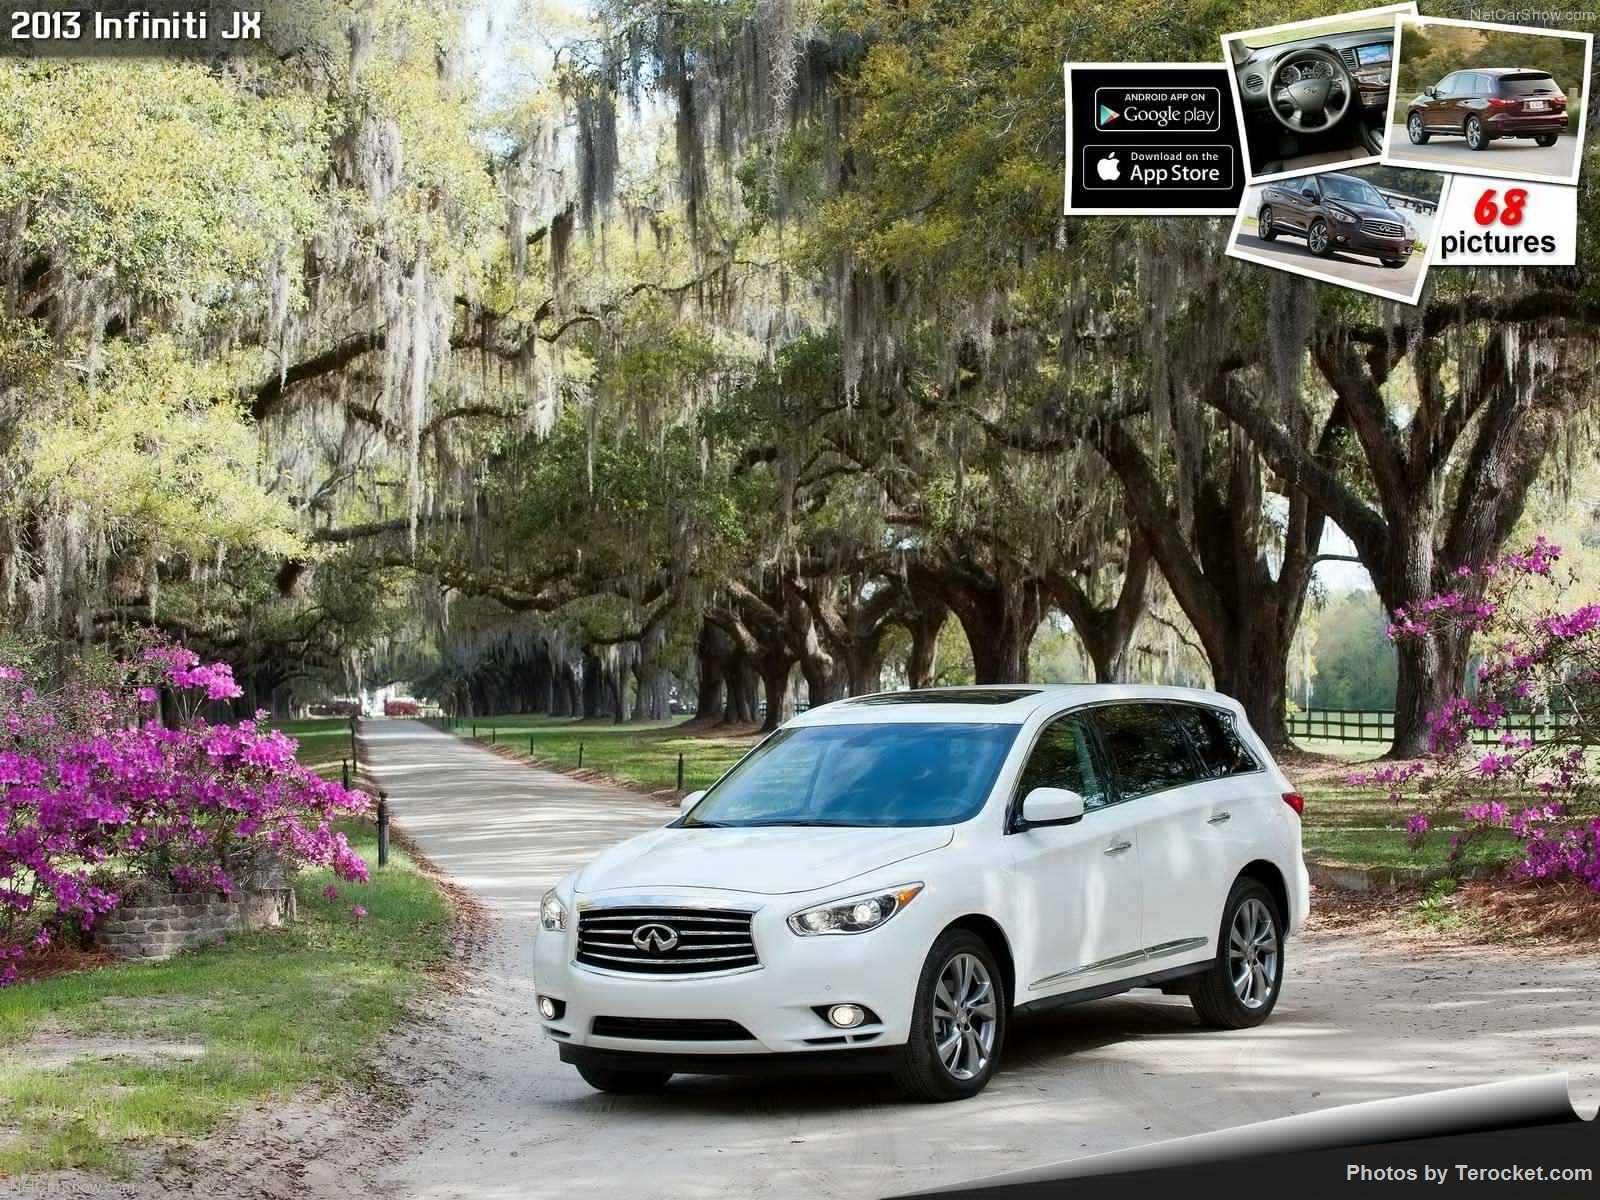 Hình ảnh xe ô tô Infiniti JX 2013 & nội ngoại thất